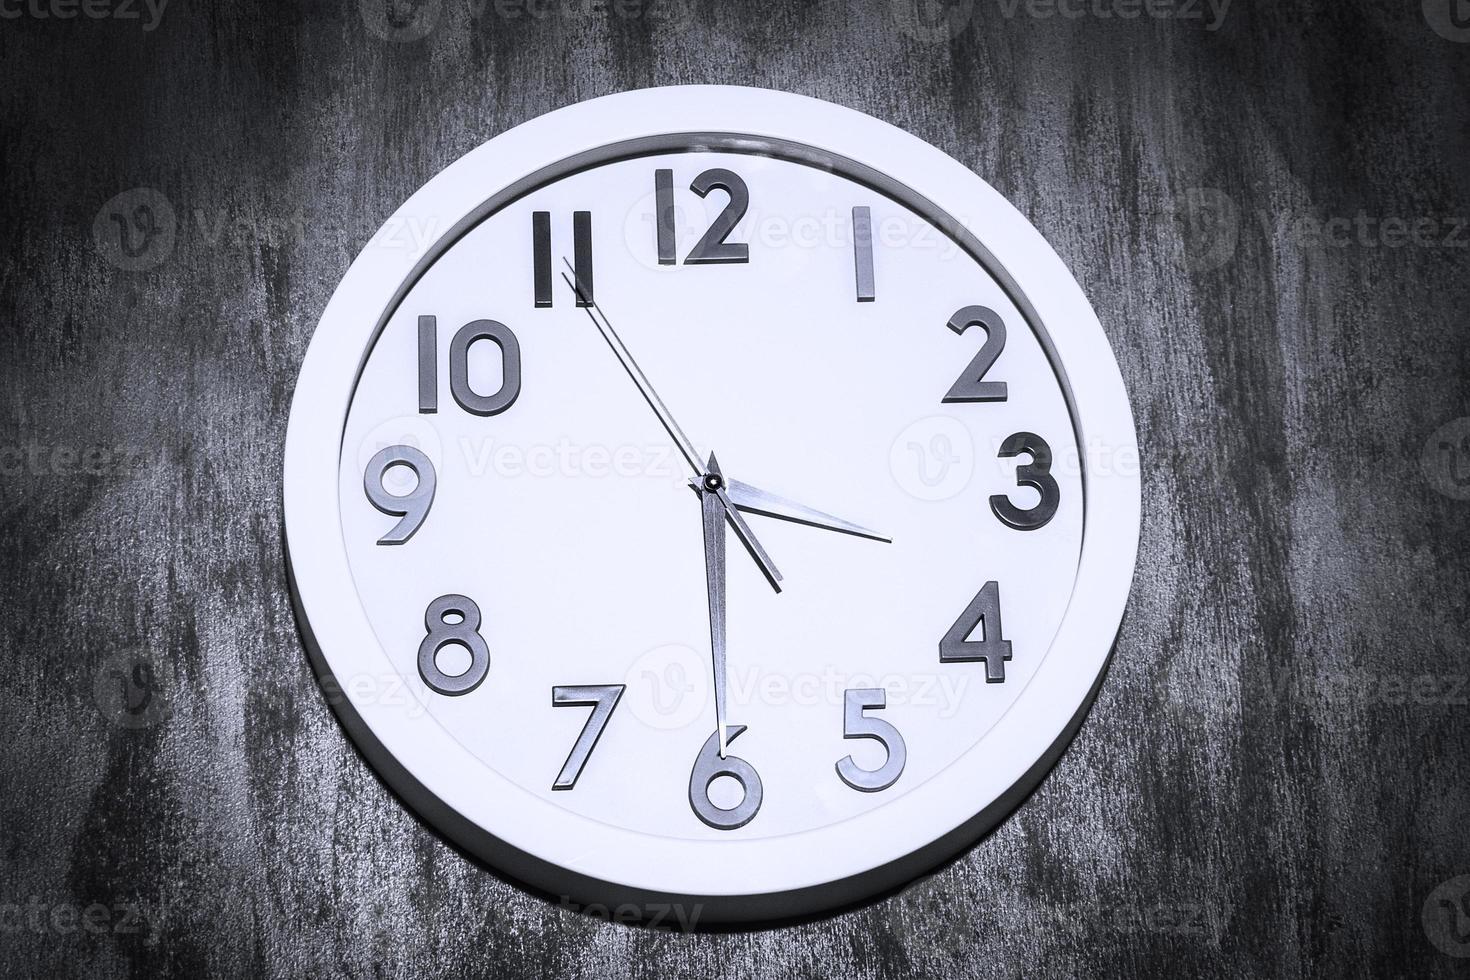 moderne Uhr auf einer schmuddeligen Betonwand foto